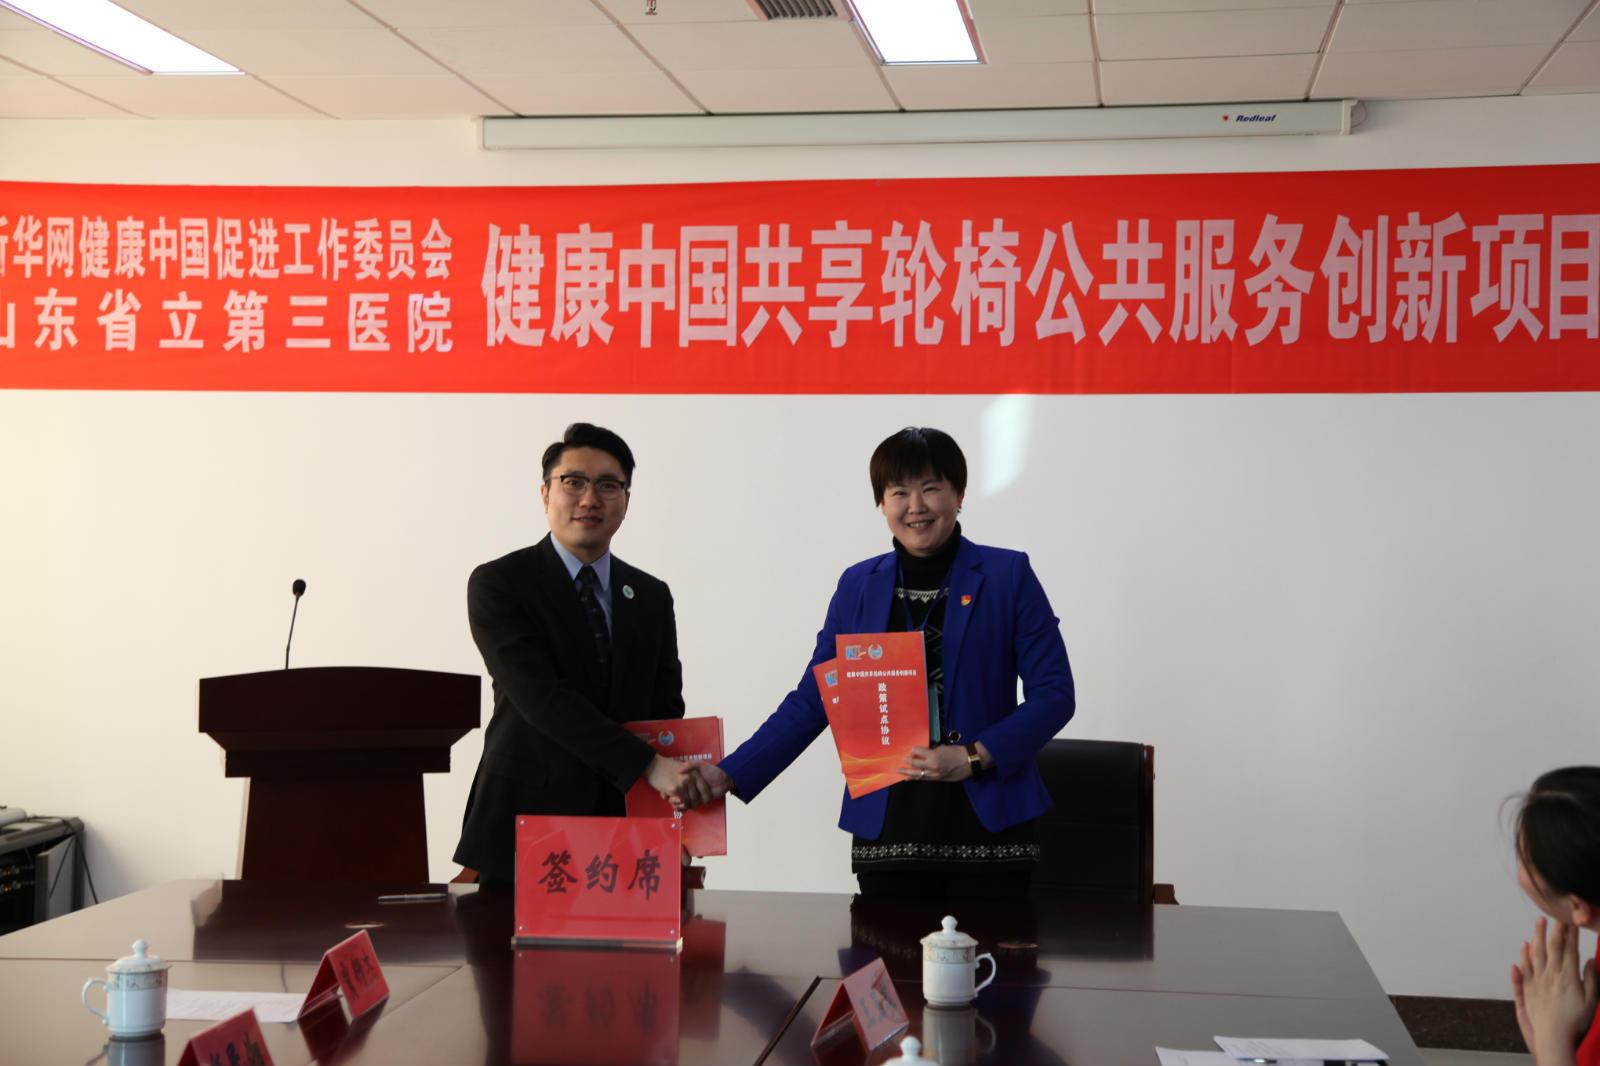 健康中国共享轮椅项目进驻山东落户省立第三医院